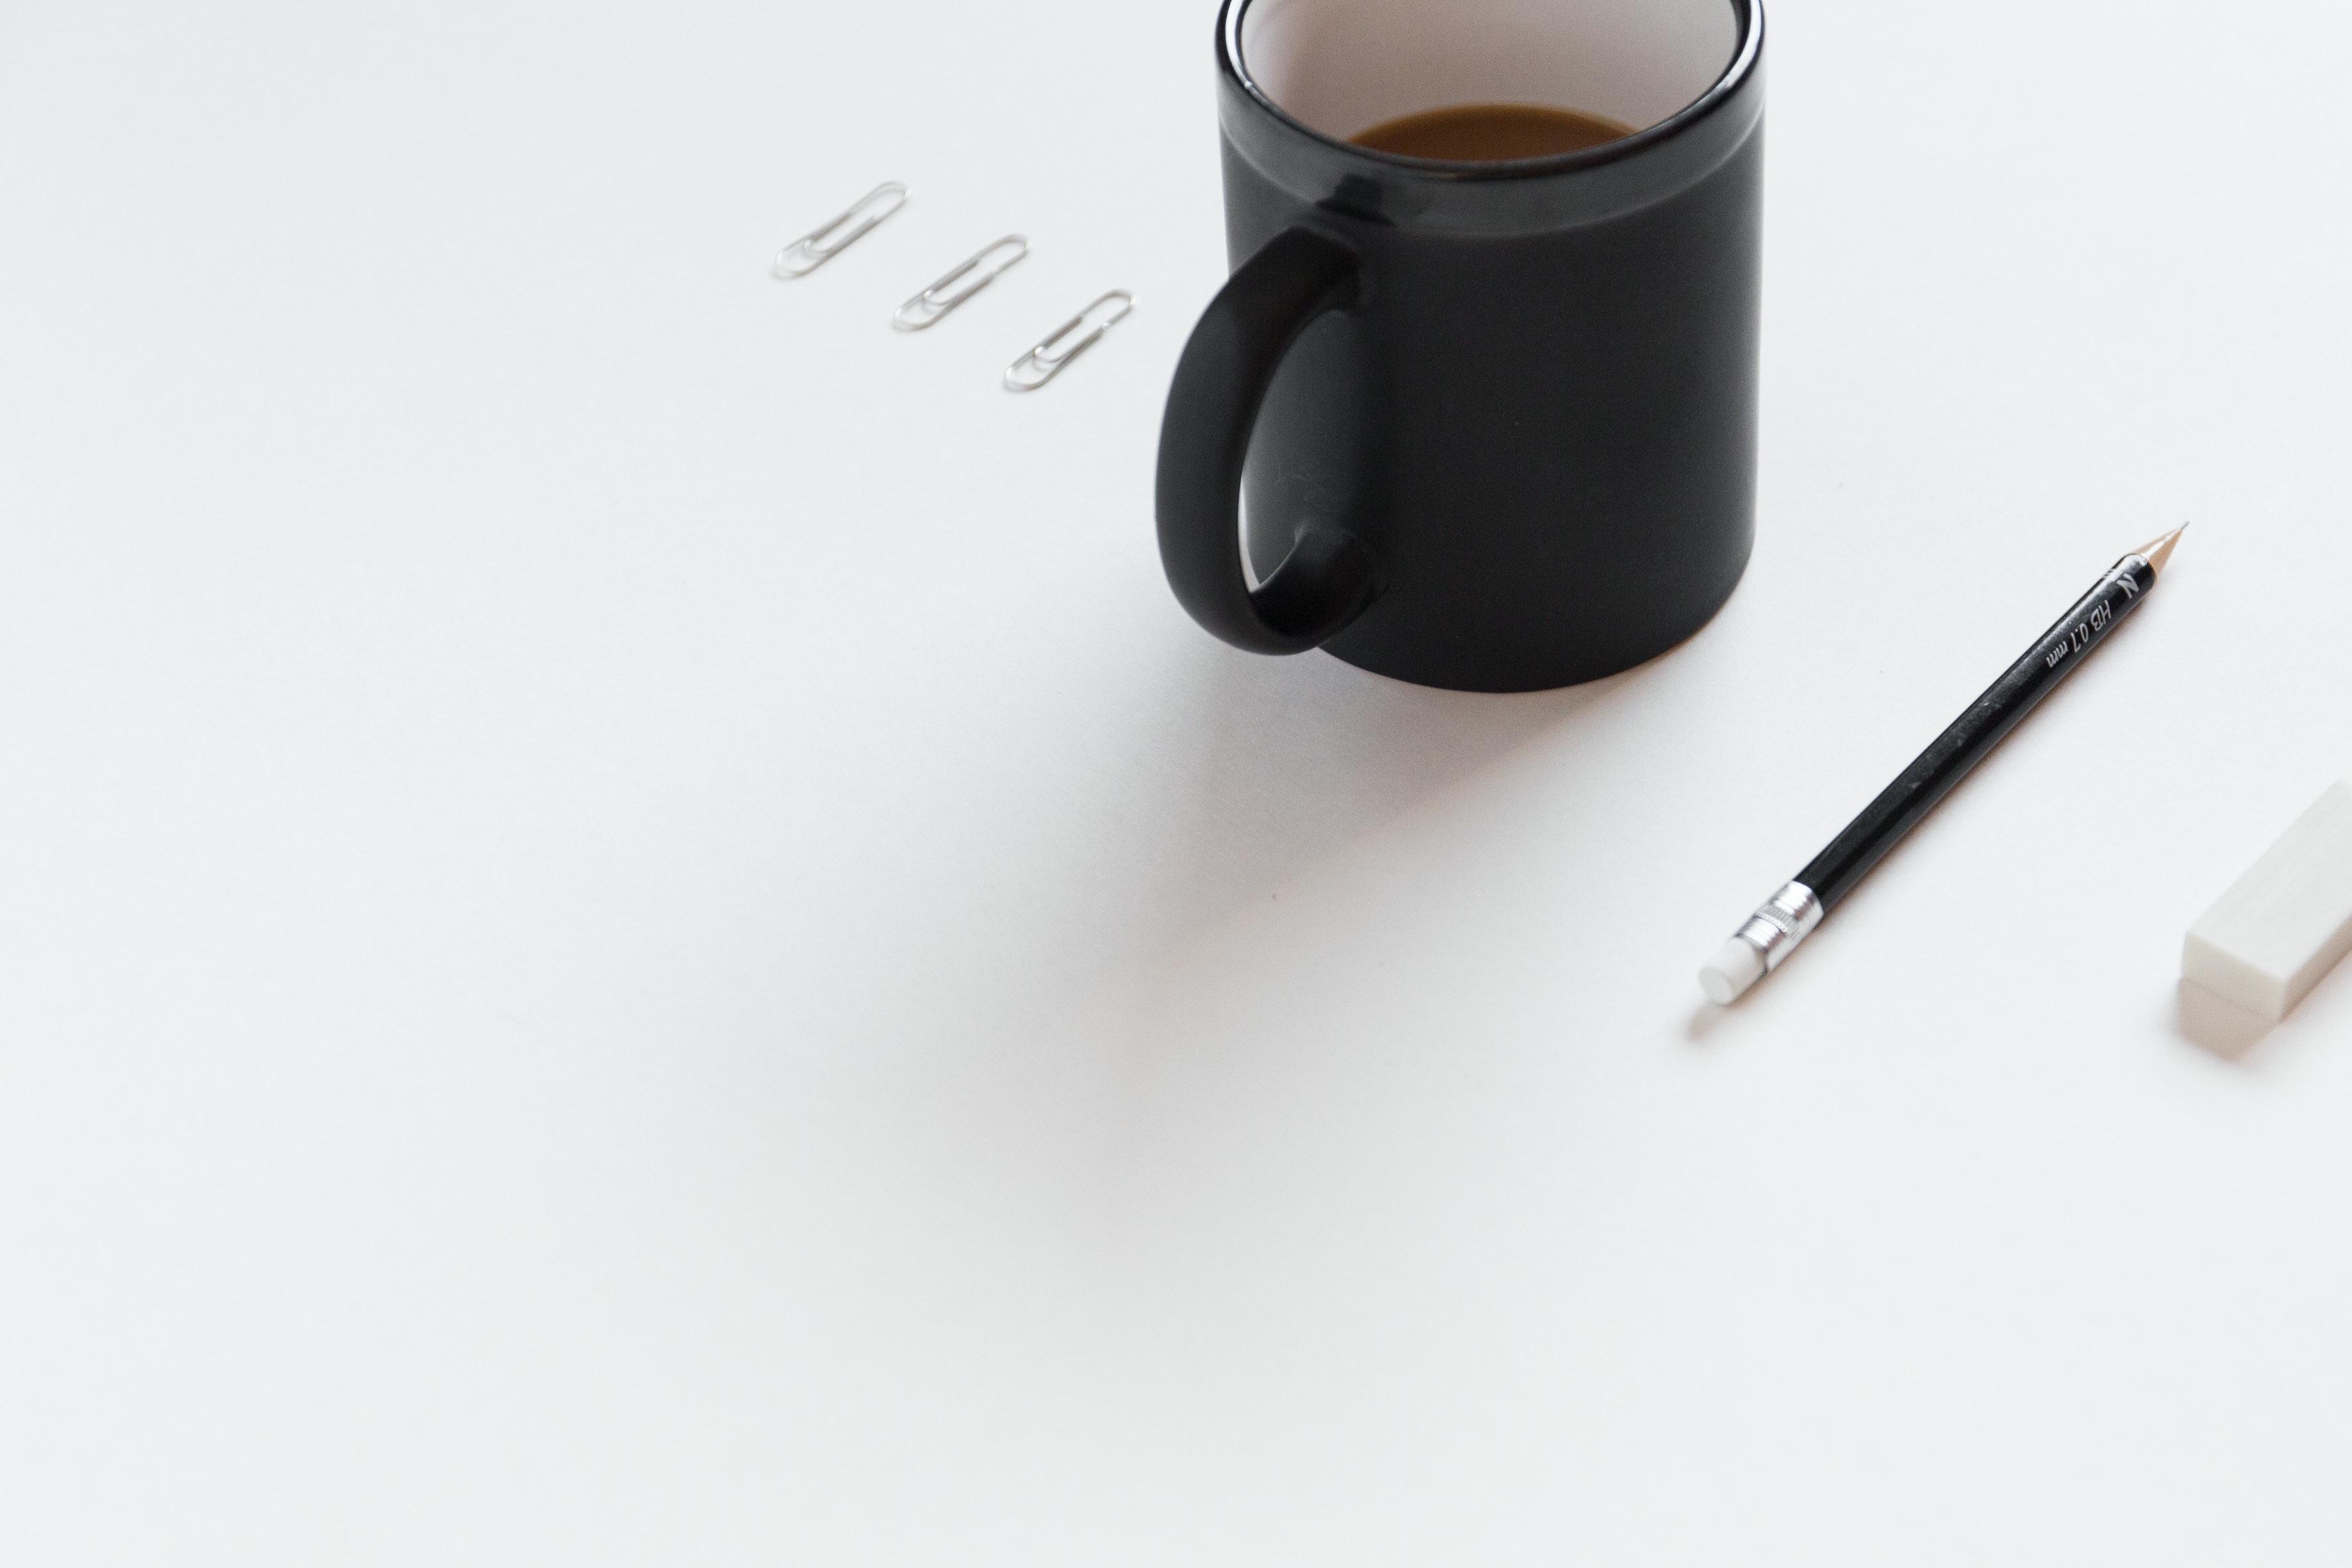 Pencil - Durchstarten stories